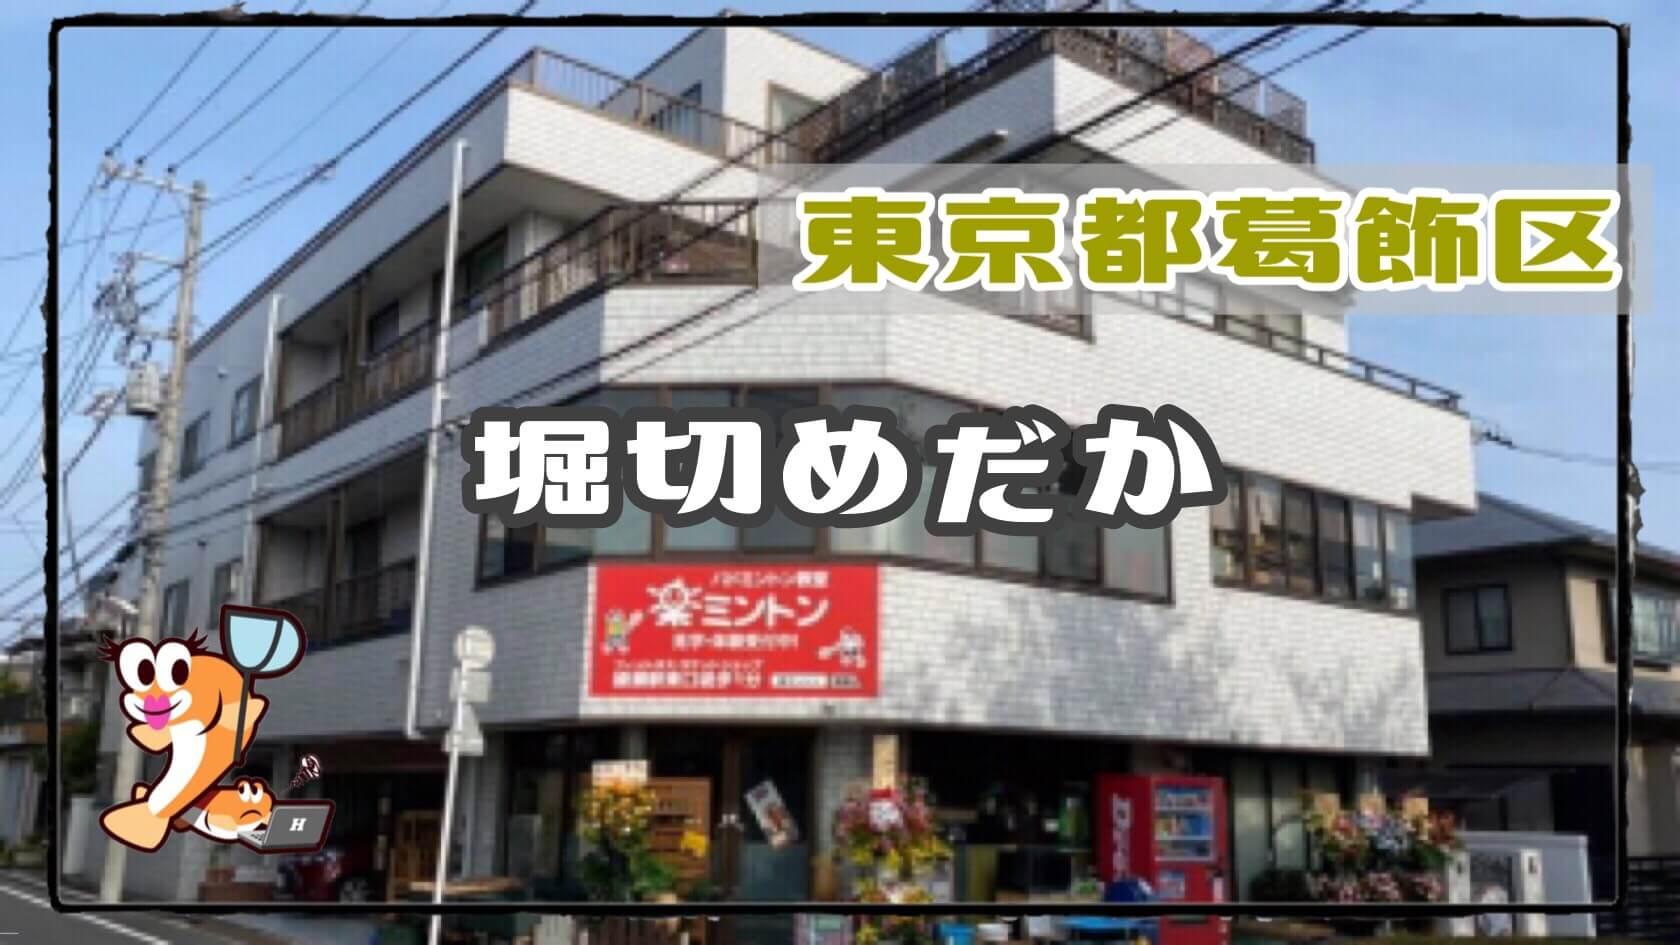 東京都のメダカ販売店のアイキャッチ